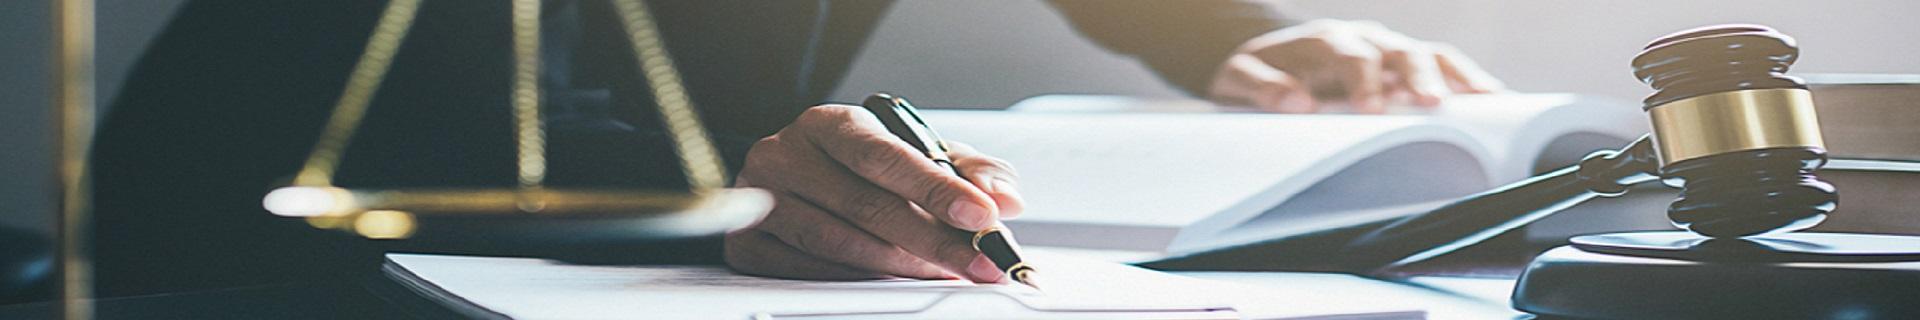 העליון פוגע במוסד החילוט בחוק איסור הלבנת הון (24.02.11)